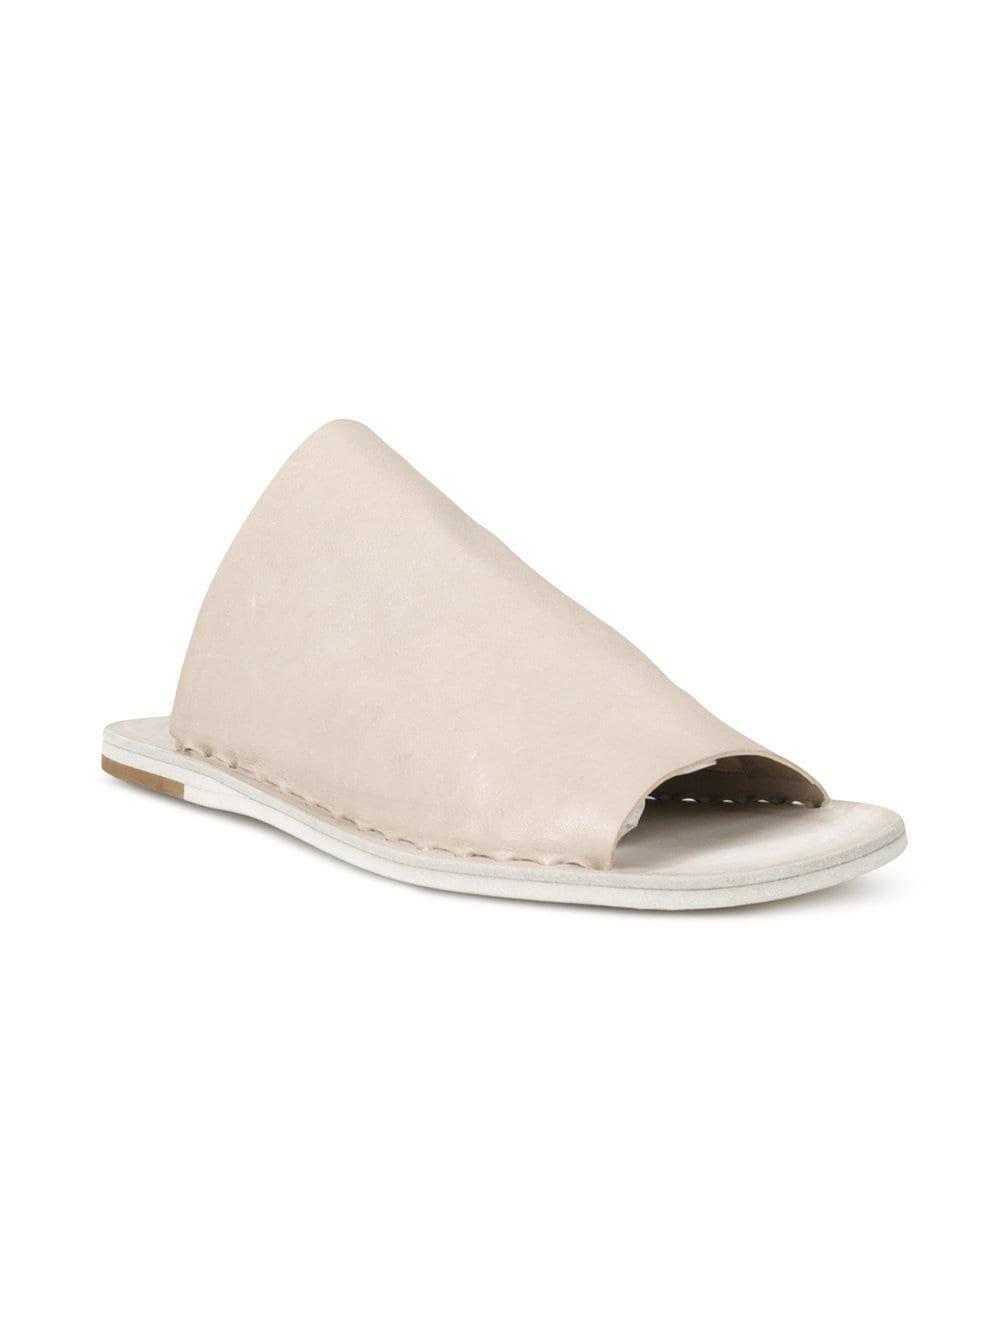 separation shoes c2158 5b4a7 officine-creative-neutrals-Fira-Slide-Sandals.jpeg